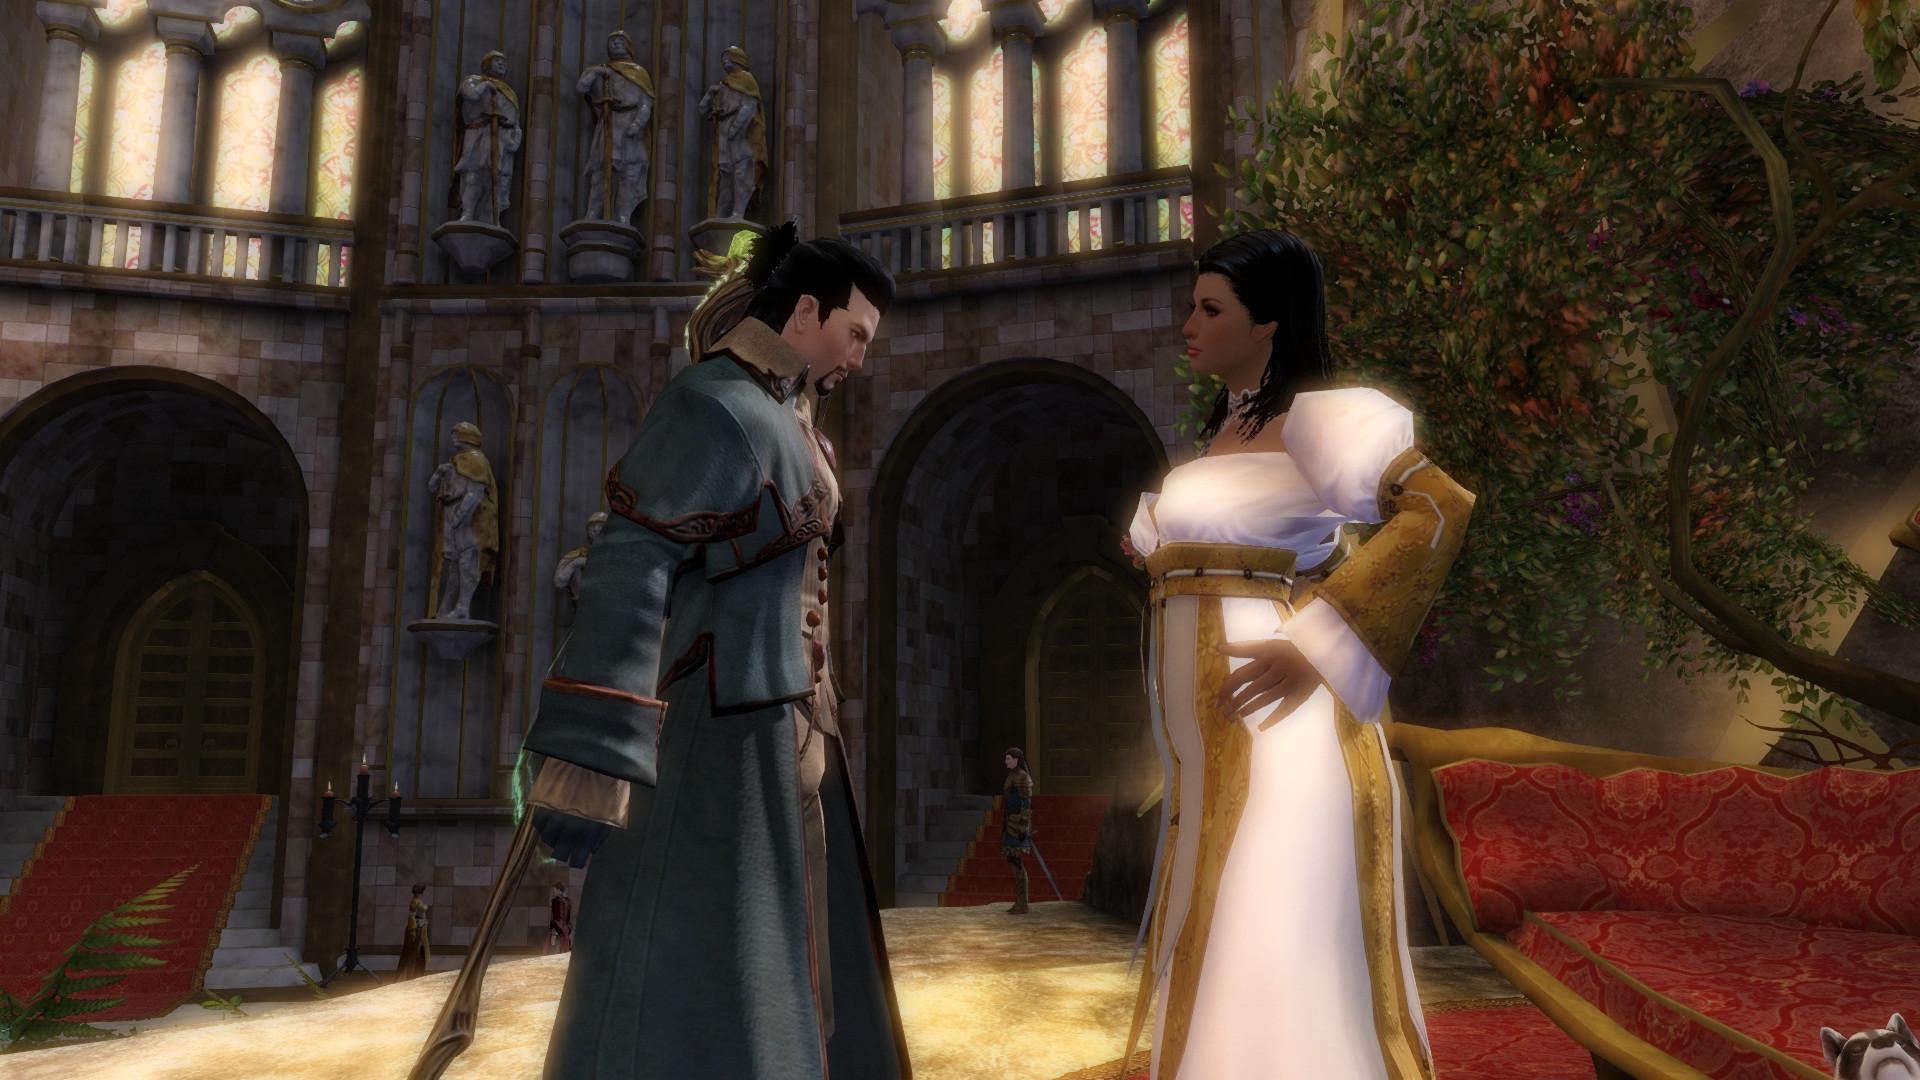 forum queen calavera eintritt